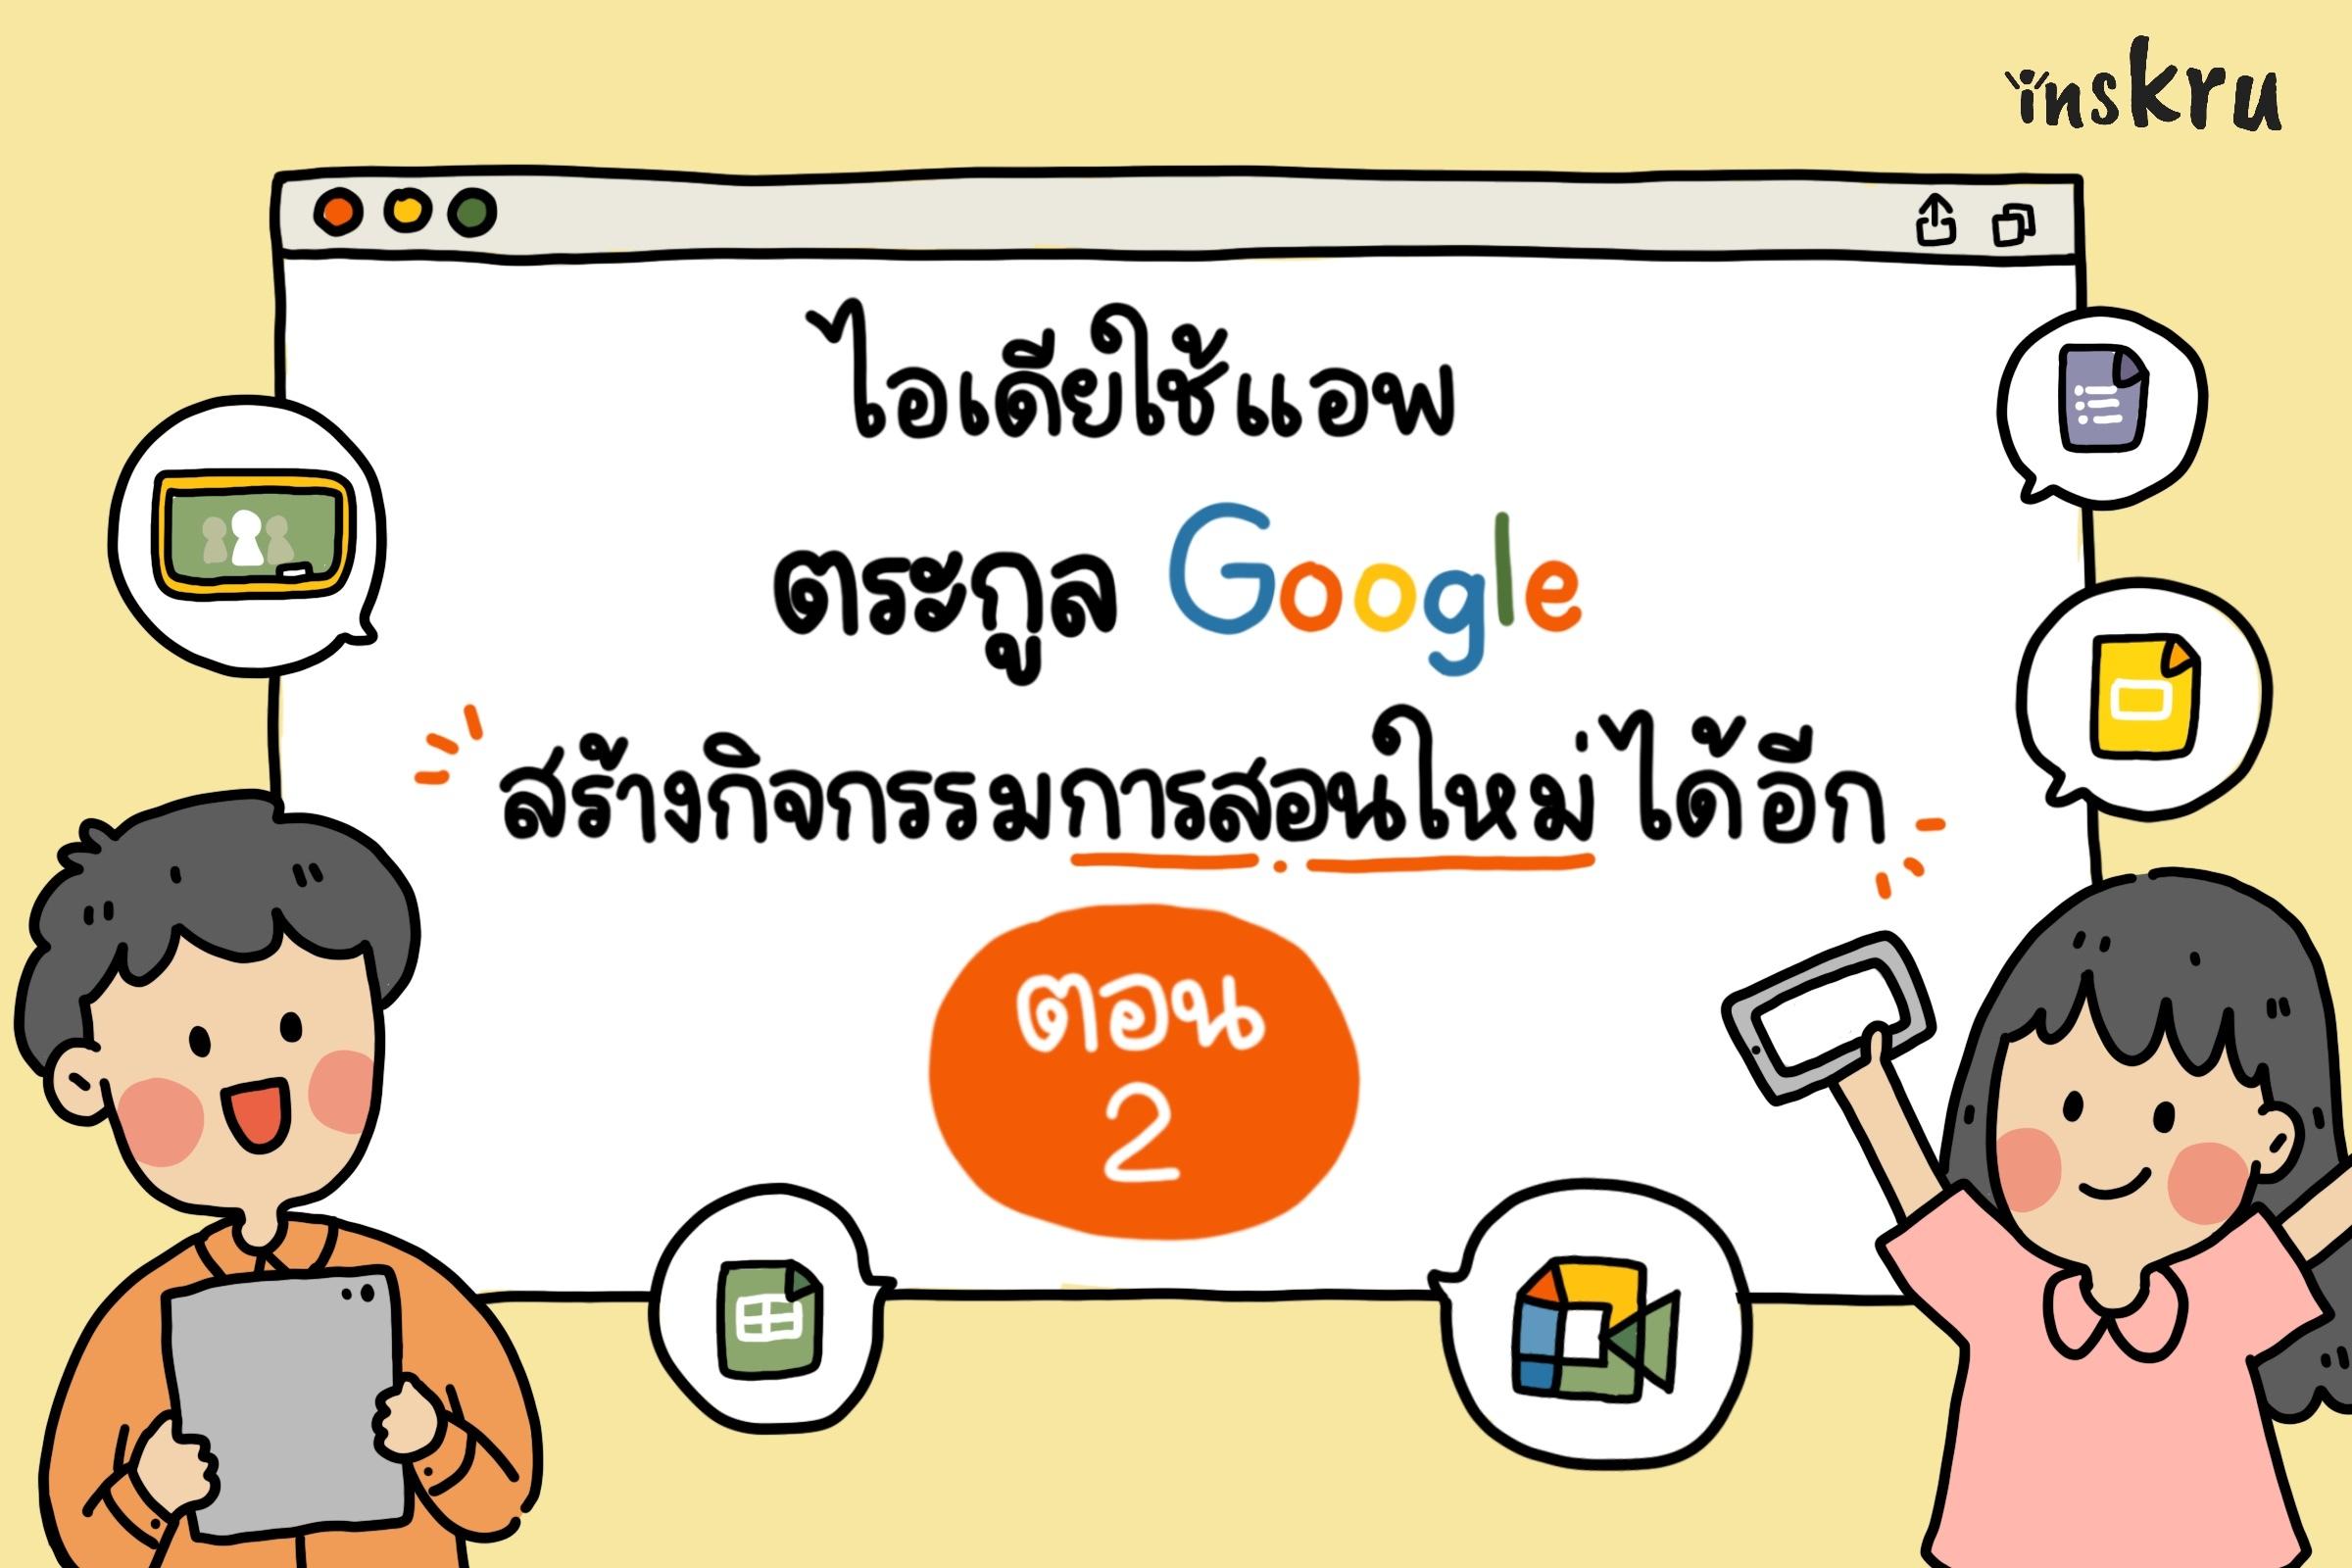 ภาพประกอบไอเดีย 💡ไอเดียใช้แอพตระกูล Google  ตอน 2